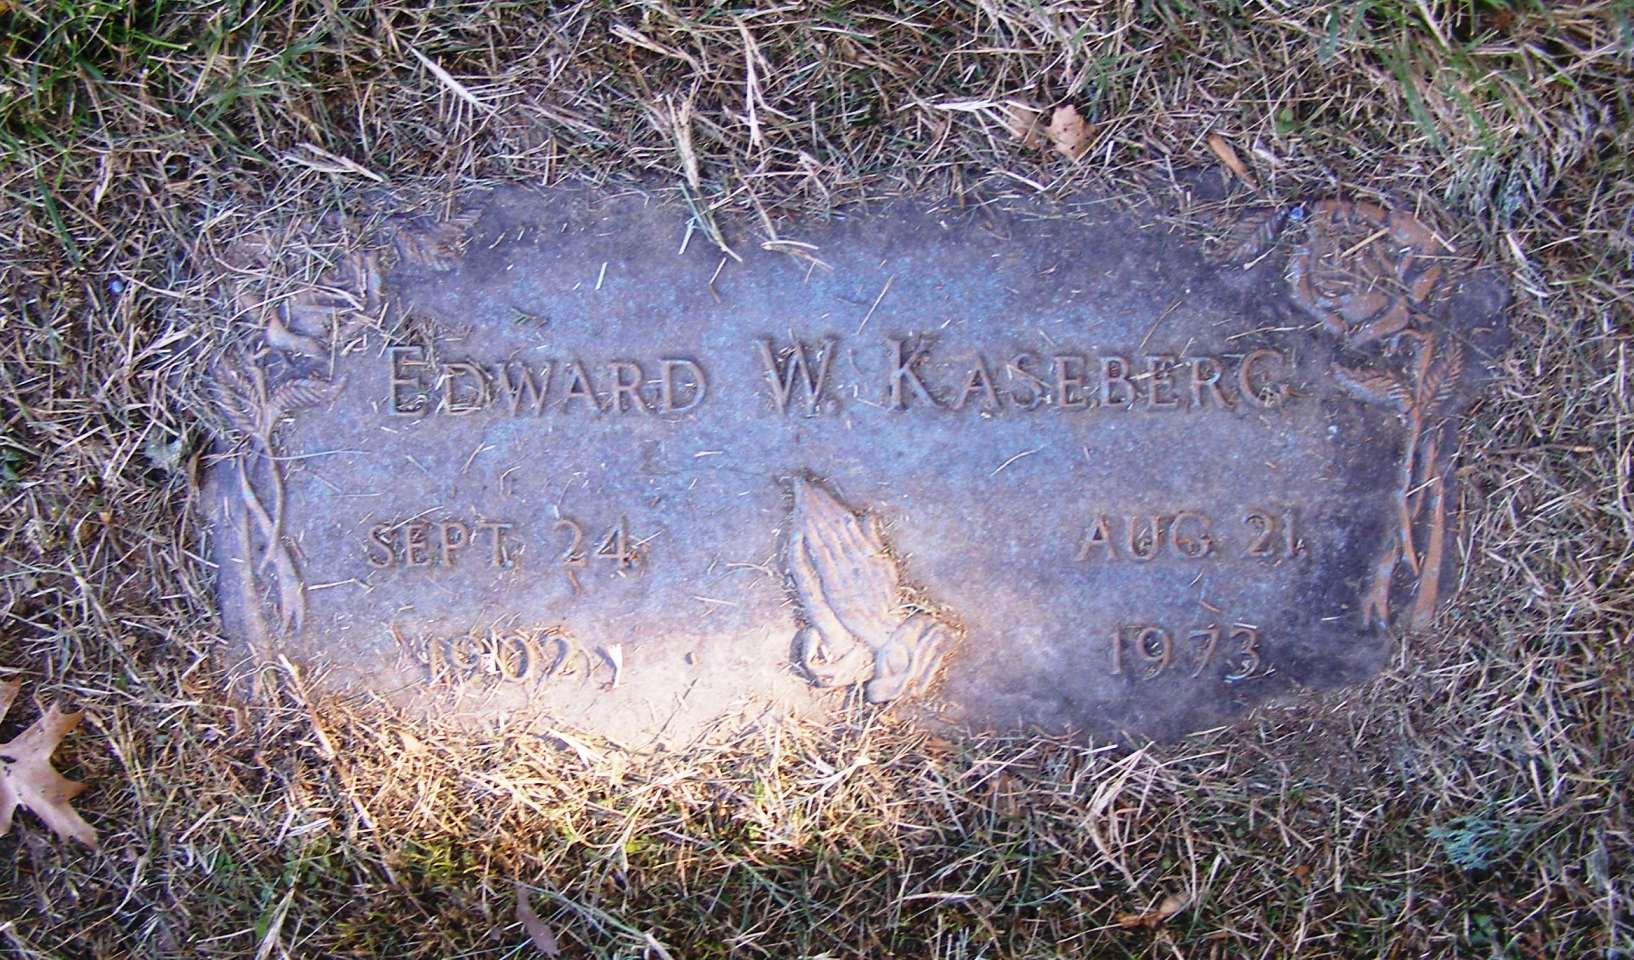 Edward W. Kaseberg